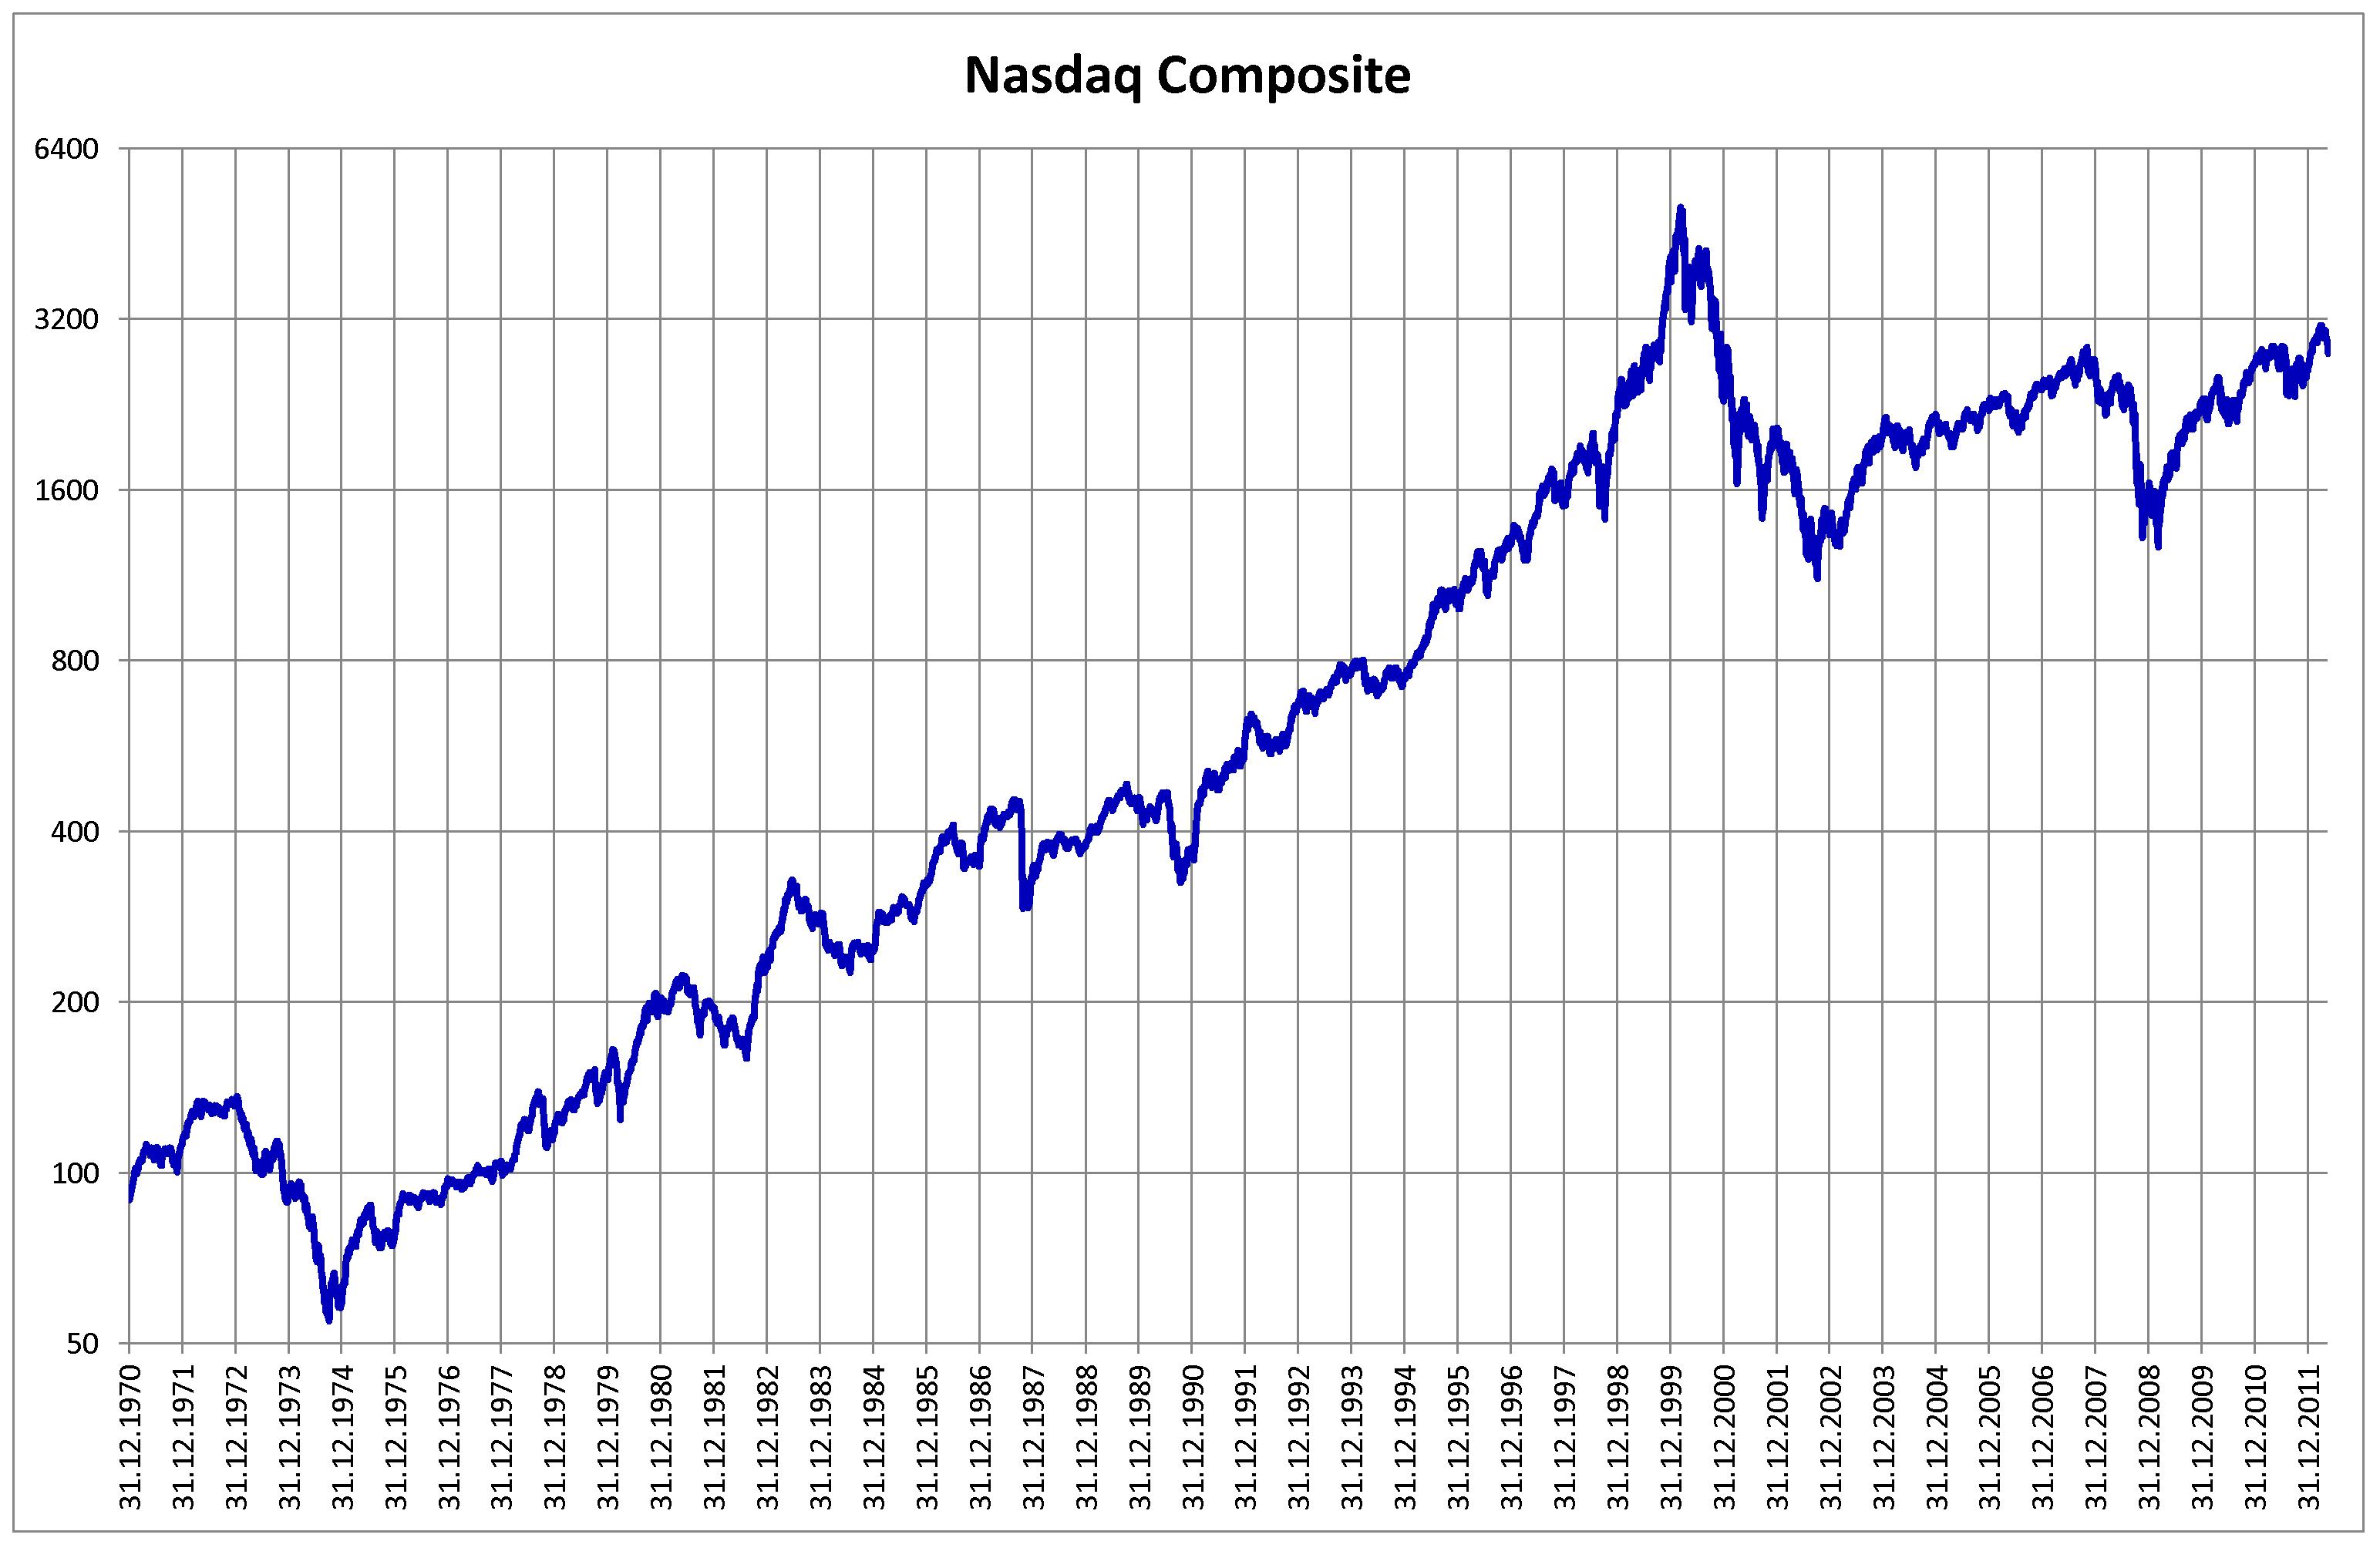 Tiempo de mercado: Gráfico histórico compuesto NASDAQ desde 1970 hasta 2011 | Bienes comunes de Wikimedia